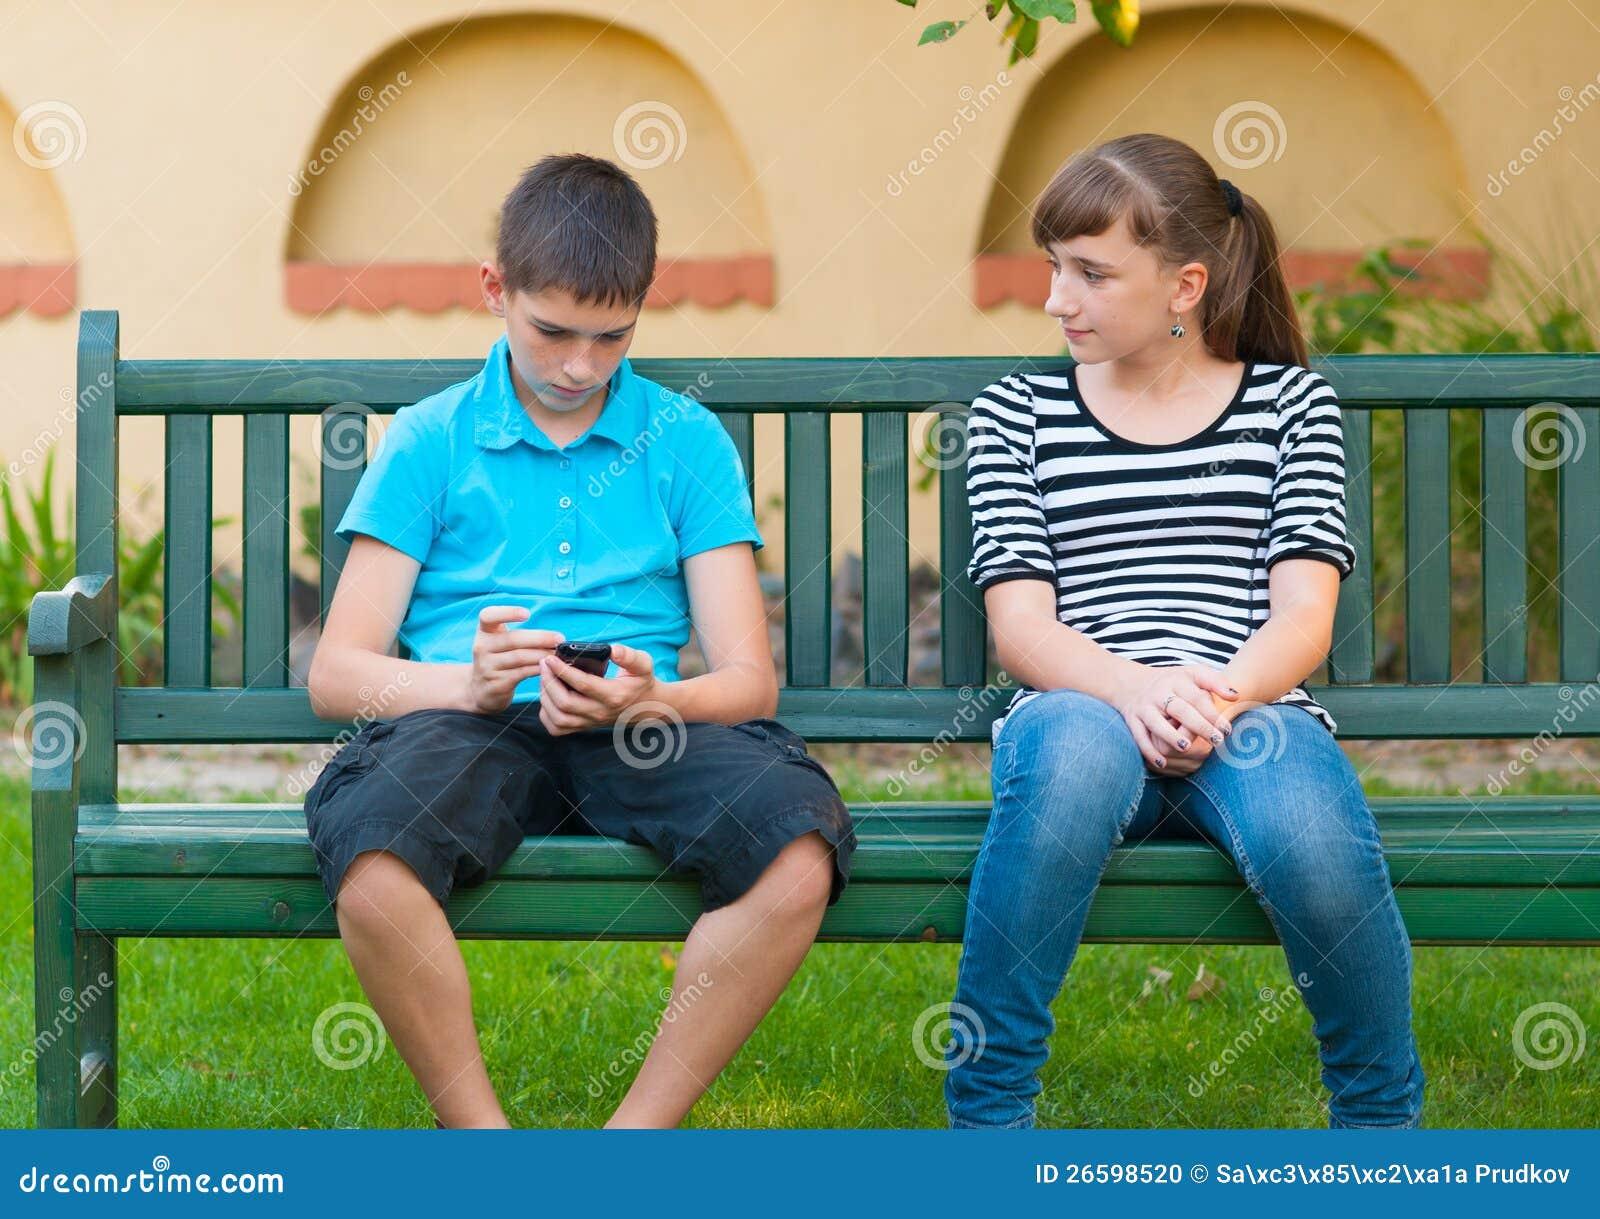 Gesamtenergiebedarf berechnen online dating